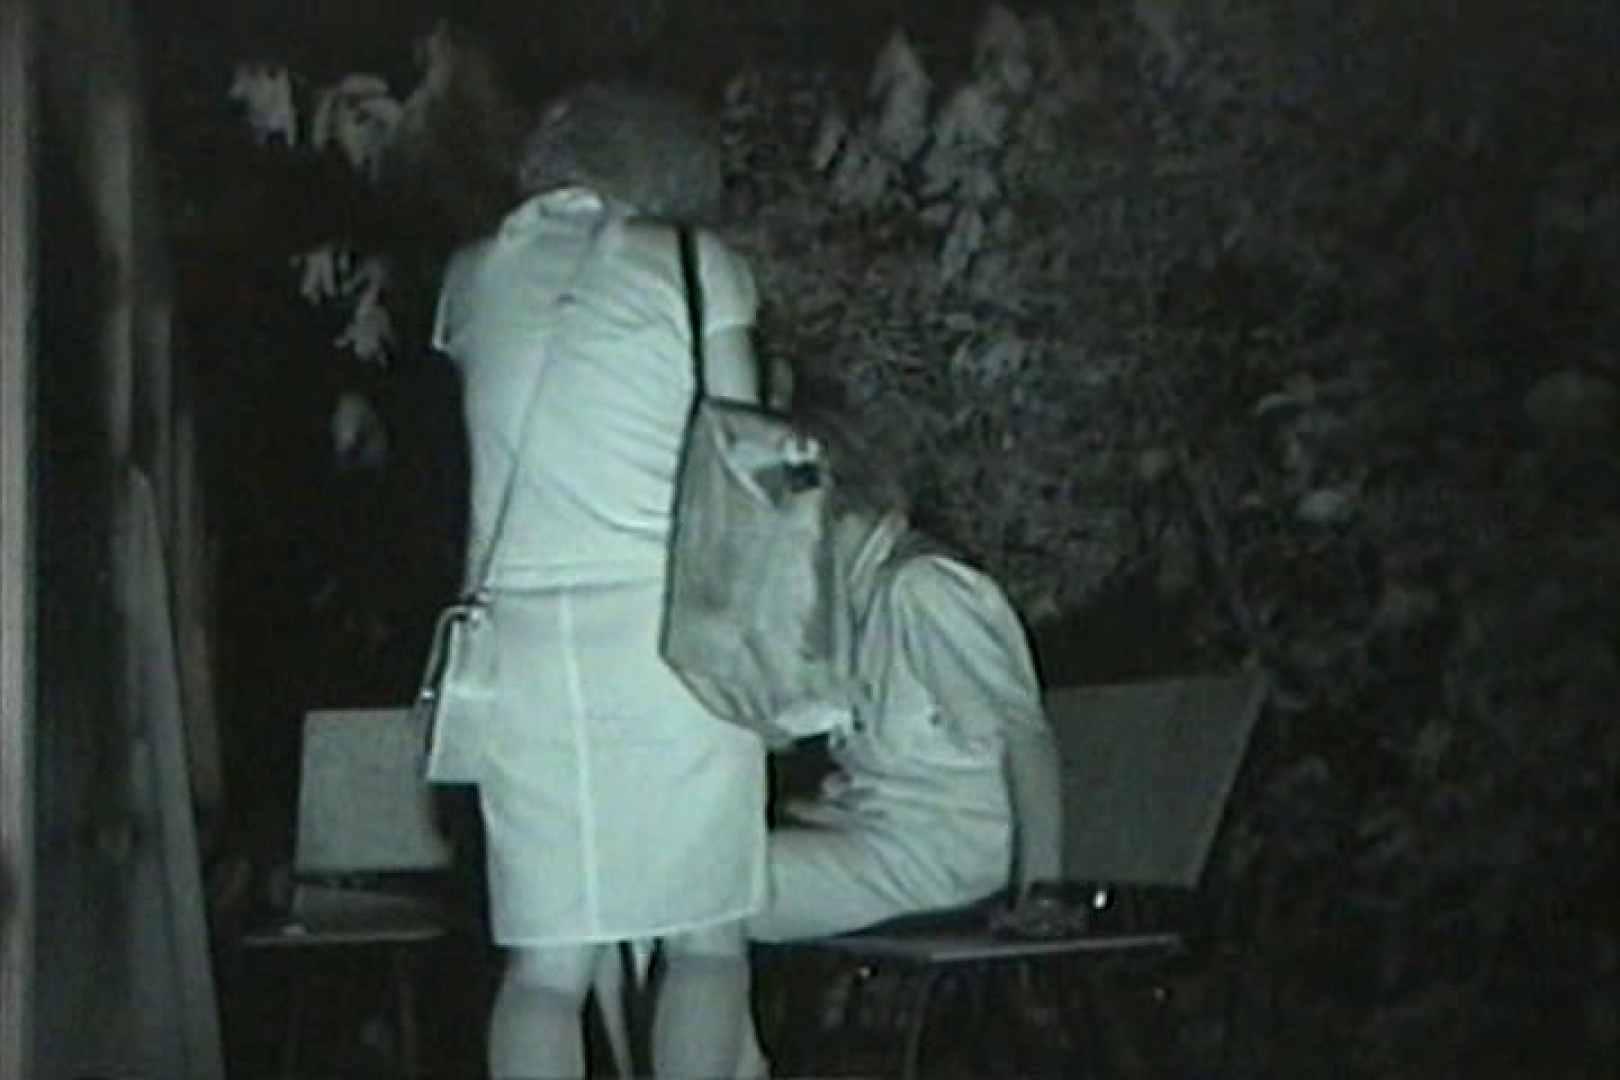 闇の仕掛け人 無修正版 Vol.24 ラブホテル隠し撮り ヌード画像 101pic 59